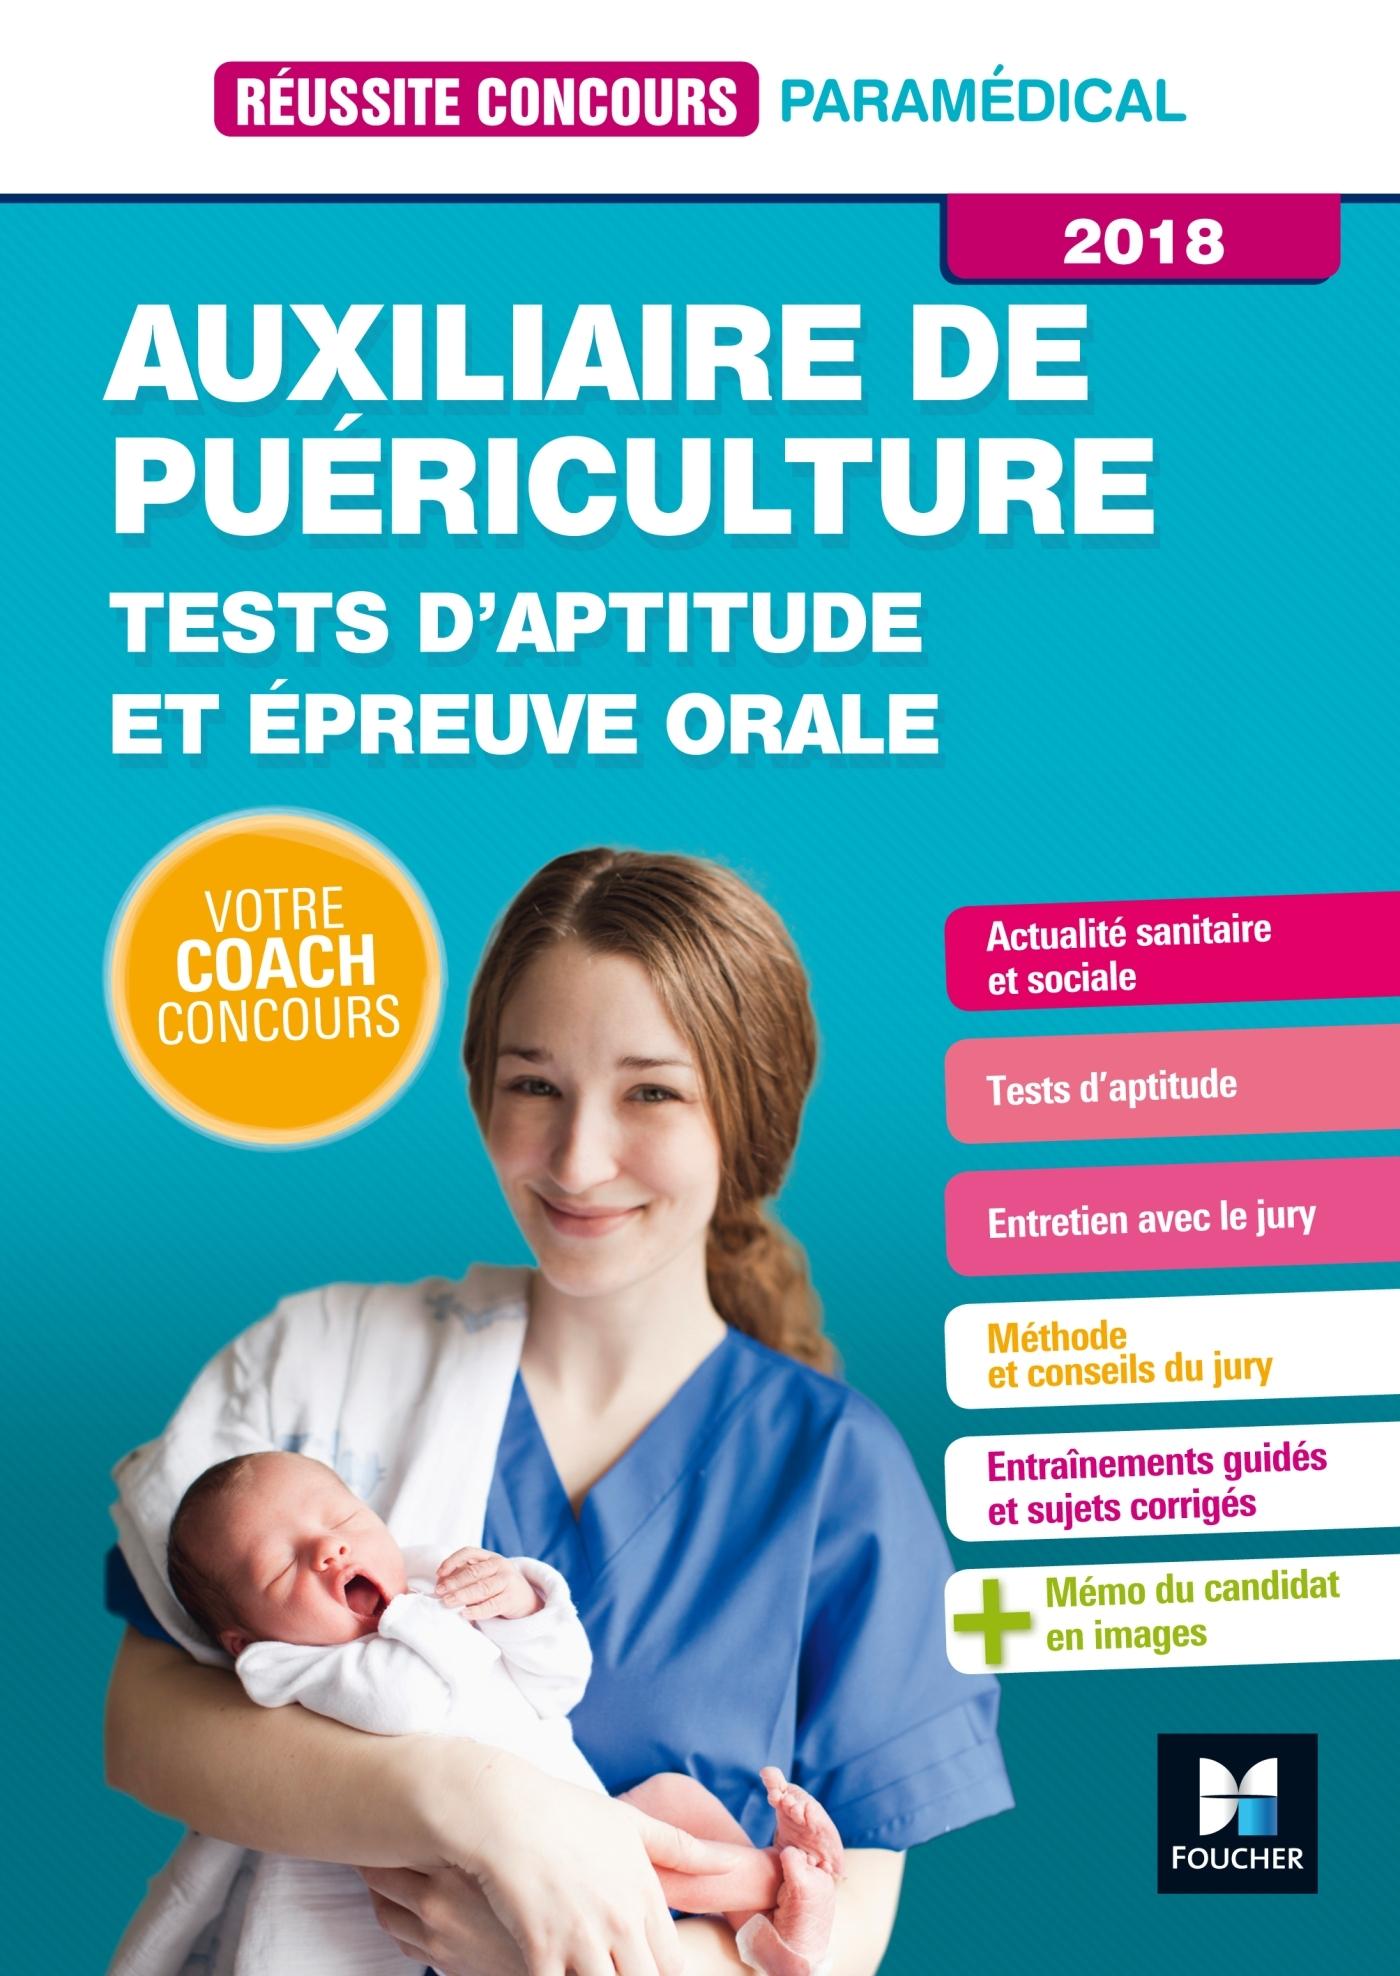 REUSSITE CONCOURS - AUXILIAIRE DE PUERICULTURE - TESTS D'APTITUDE ET EPREUVE ORALE 2018 - TOUT EN UN